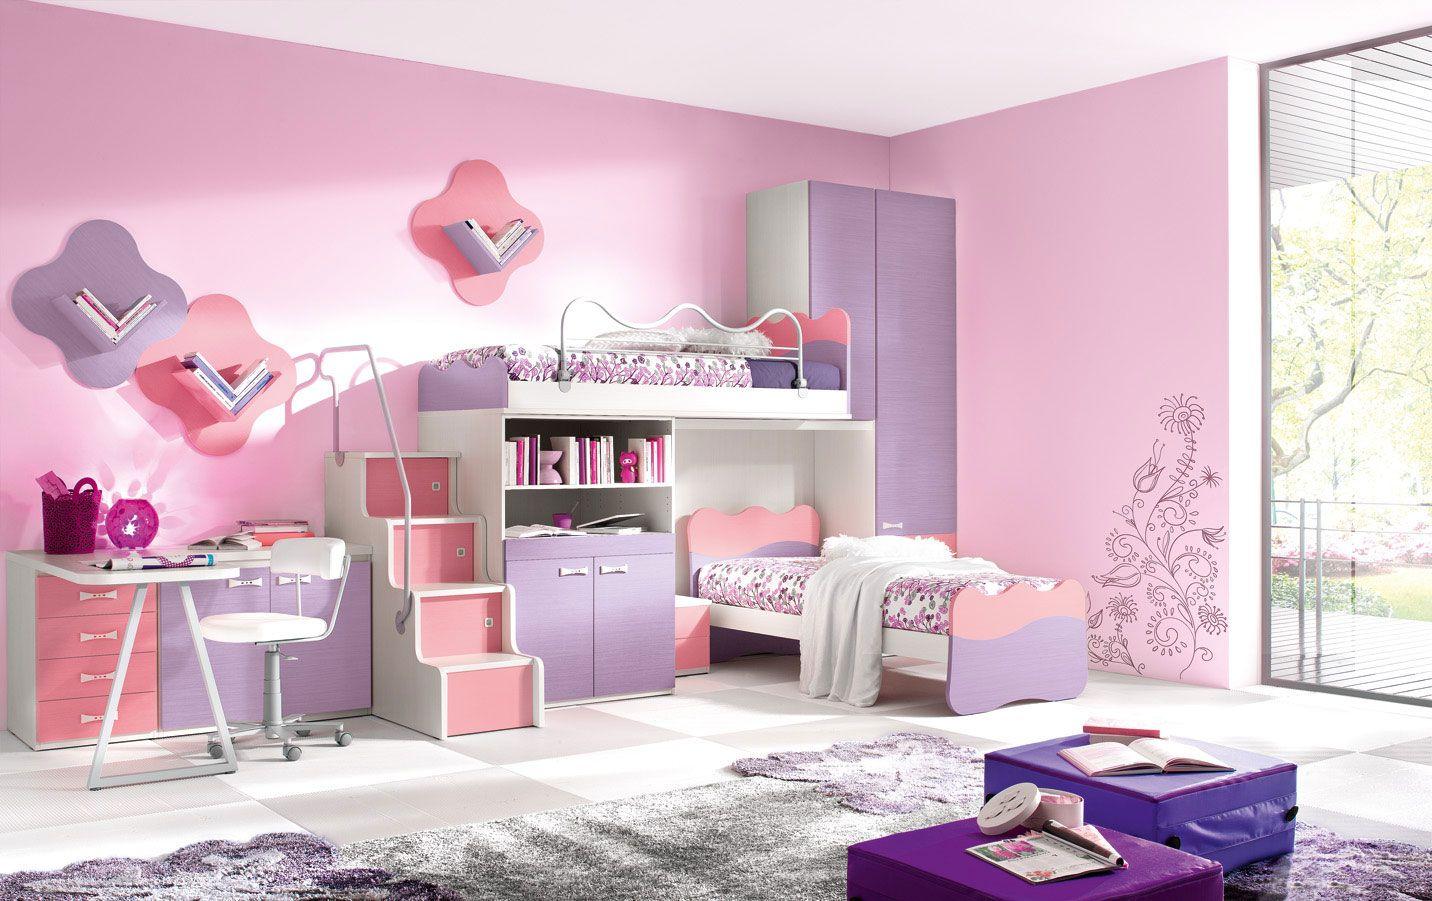 Toddler furniture for girls bedroom design kids bedroom for Beautiful beds for girls